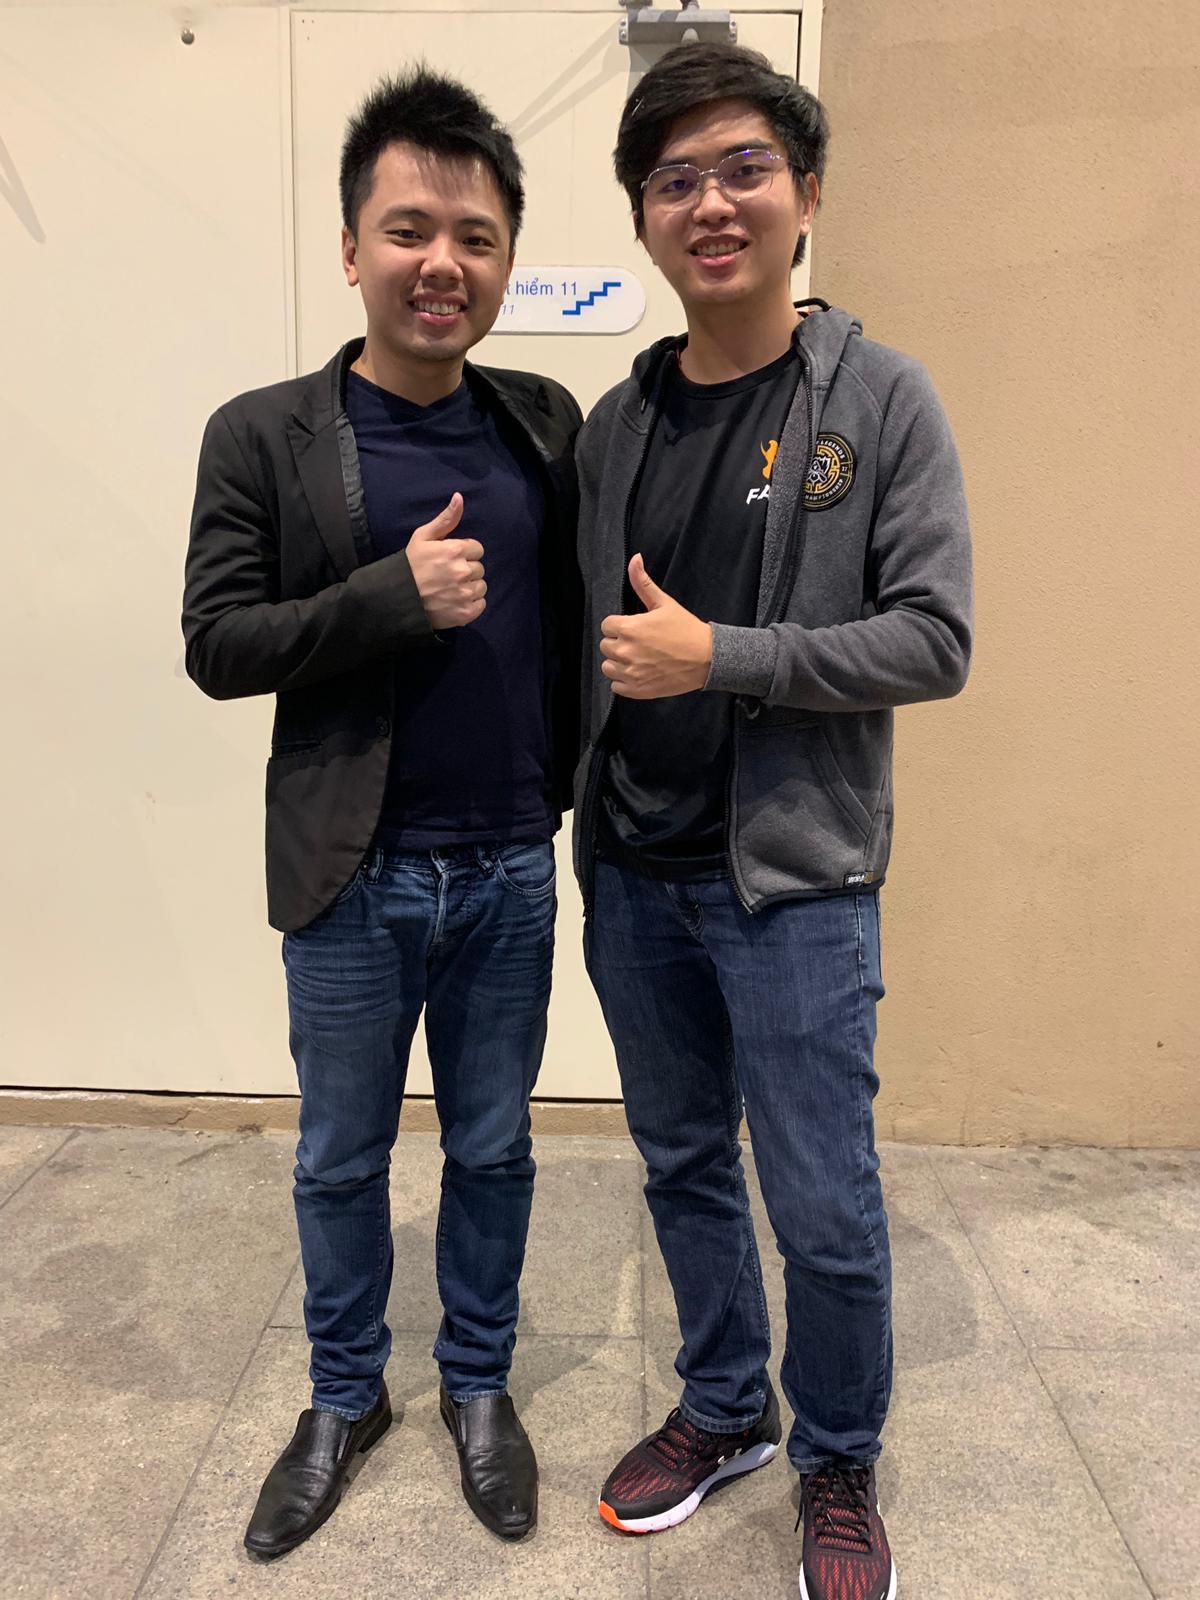 Ông Terence Ting (bên trái) cùng vận động viên Optimus của đội Team Flash LOL